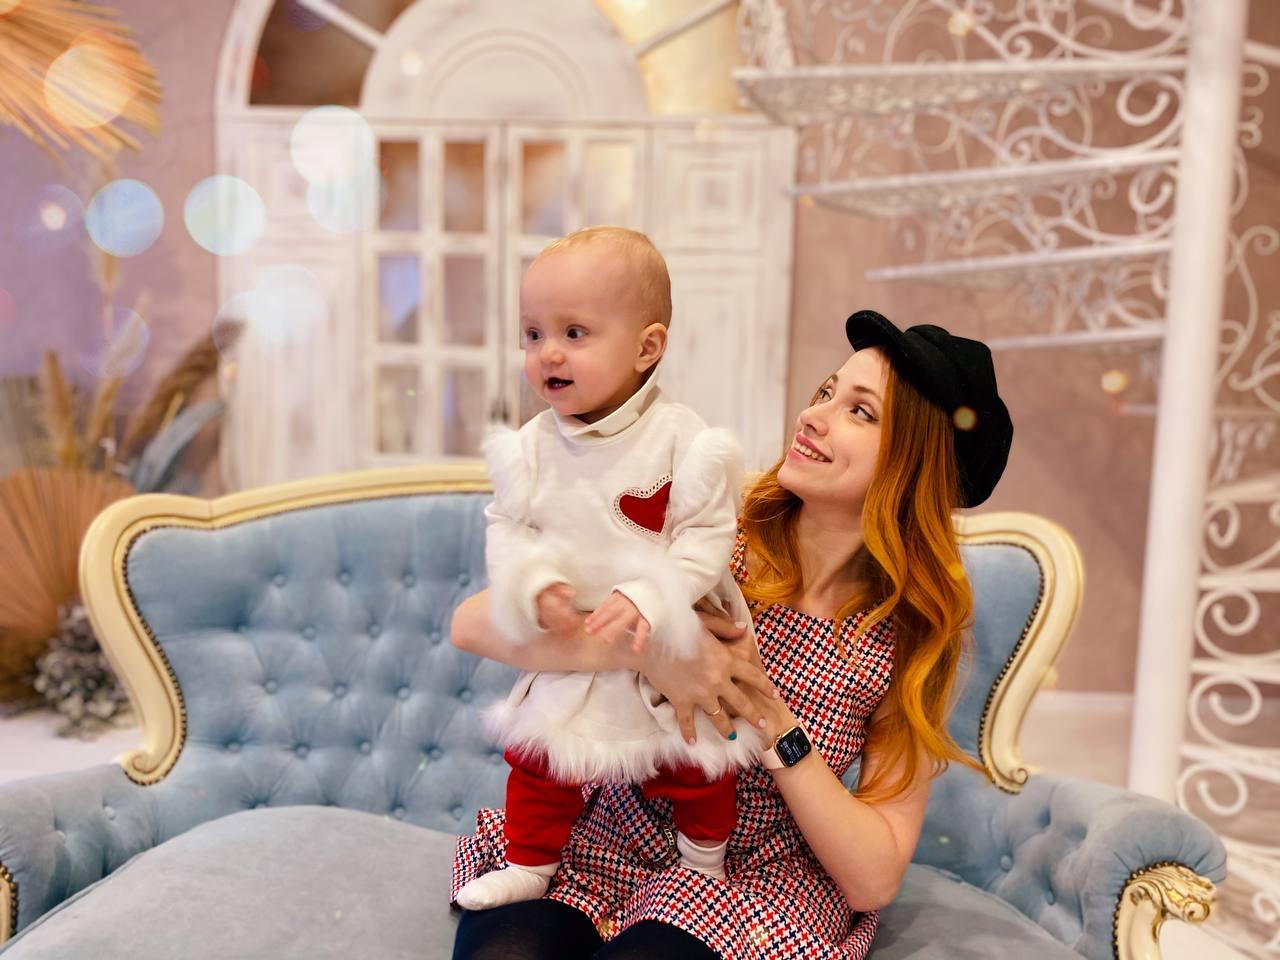 Оля Бородкина с дочкой Алисой. Фото из личного архива Оли